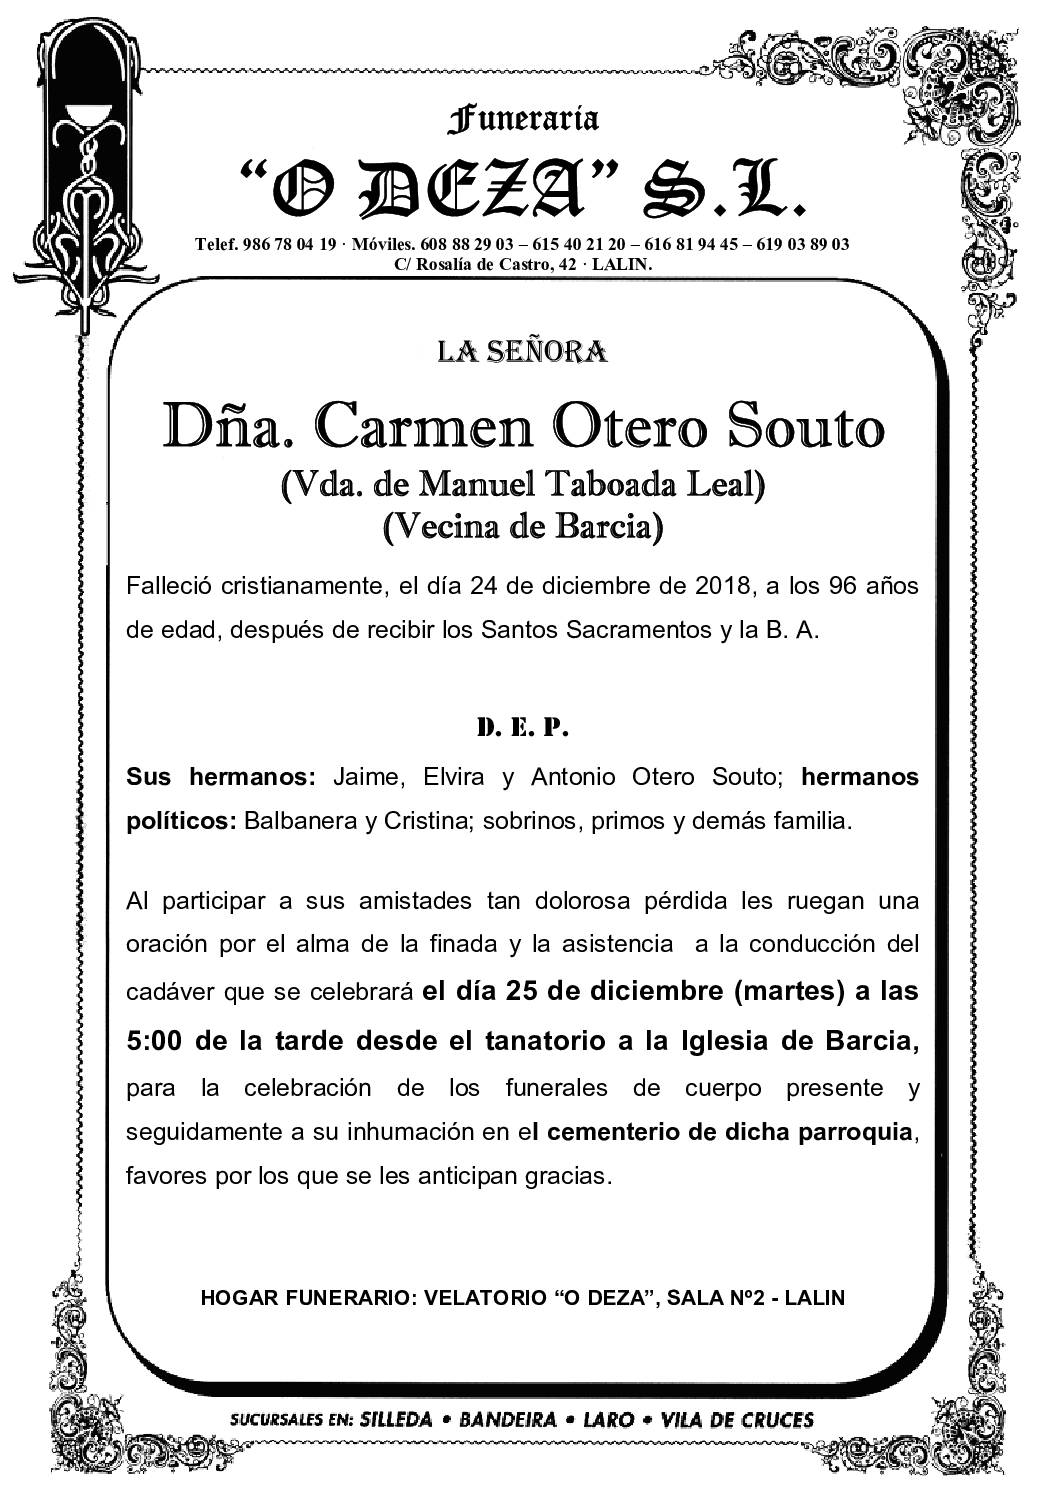 DÑA. CARMEN OTERO SOUTO